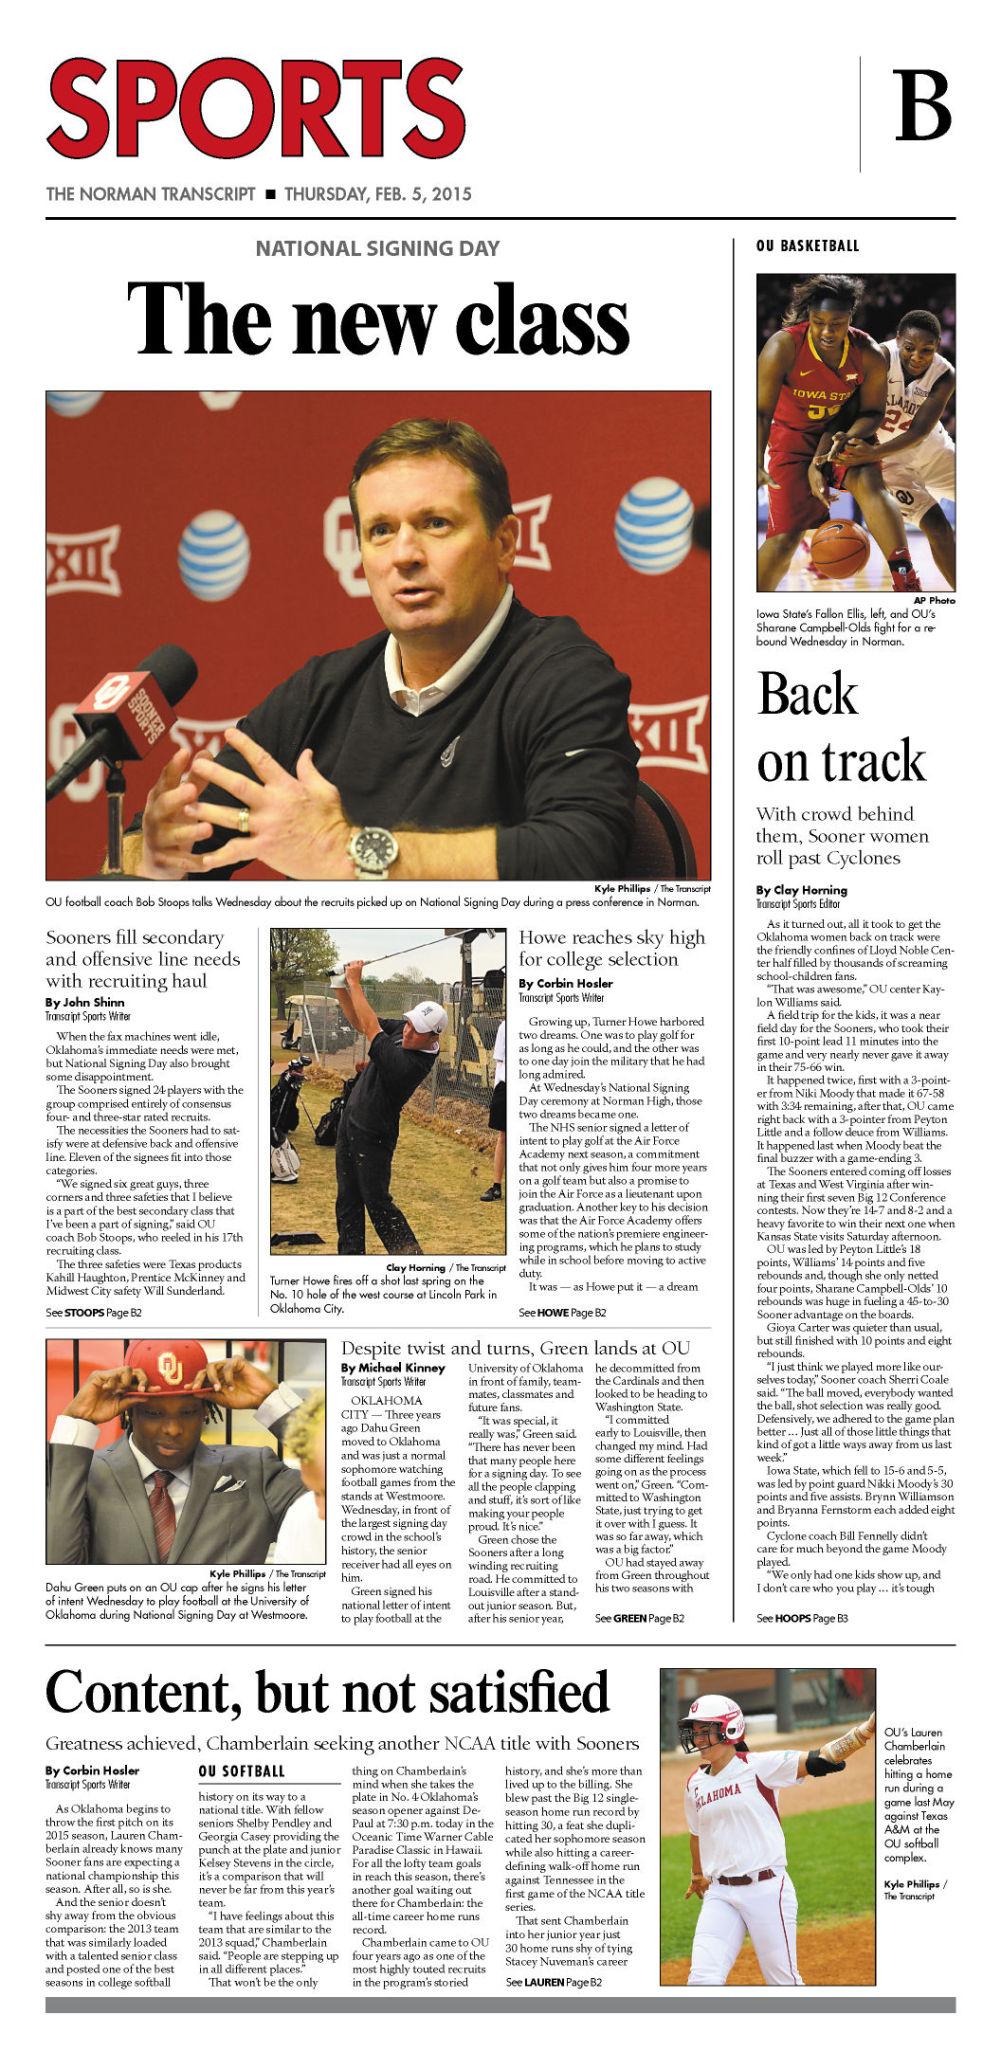 Long recruiting road lands Green at Oklahoma | Sports